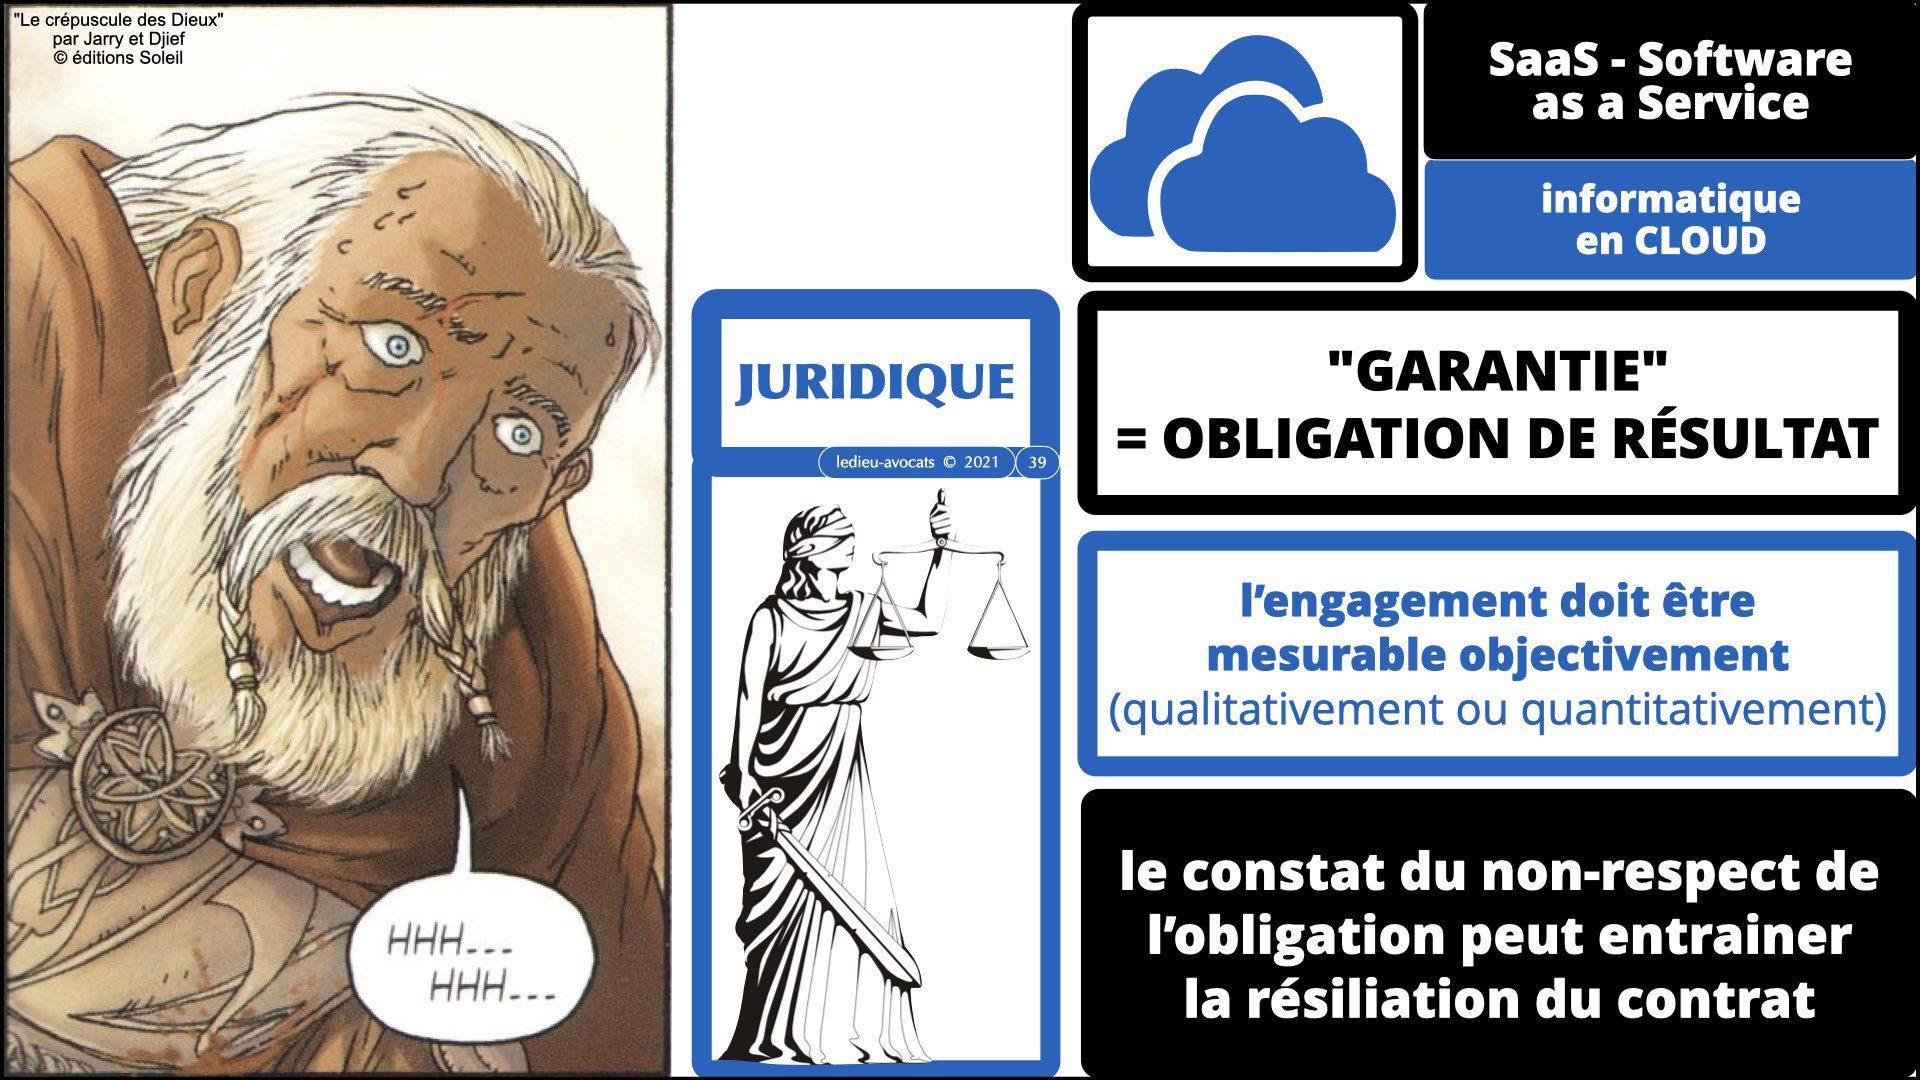 343 service LOGICIEL SaaS Software-as-a-Service cloud computing © Ledieu-Avocats technique droit numerique 30-08-2021.039